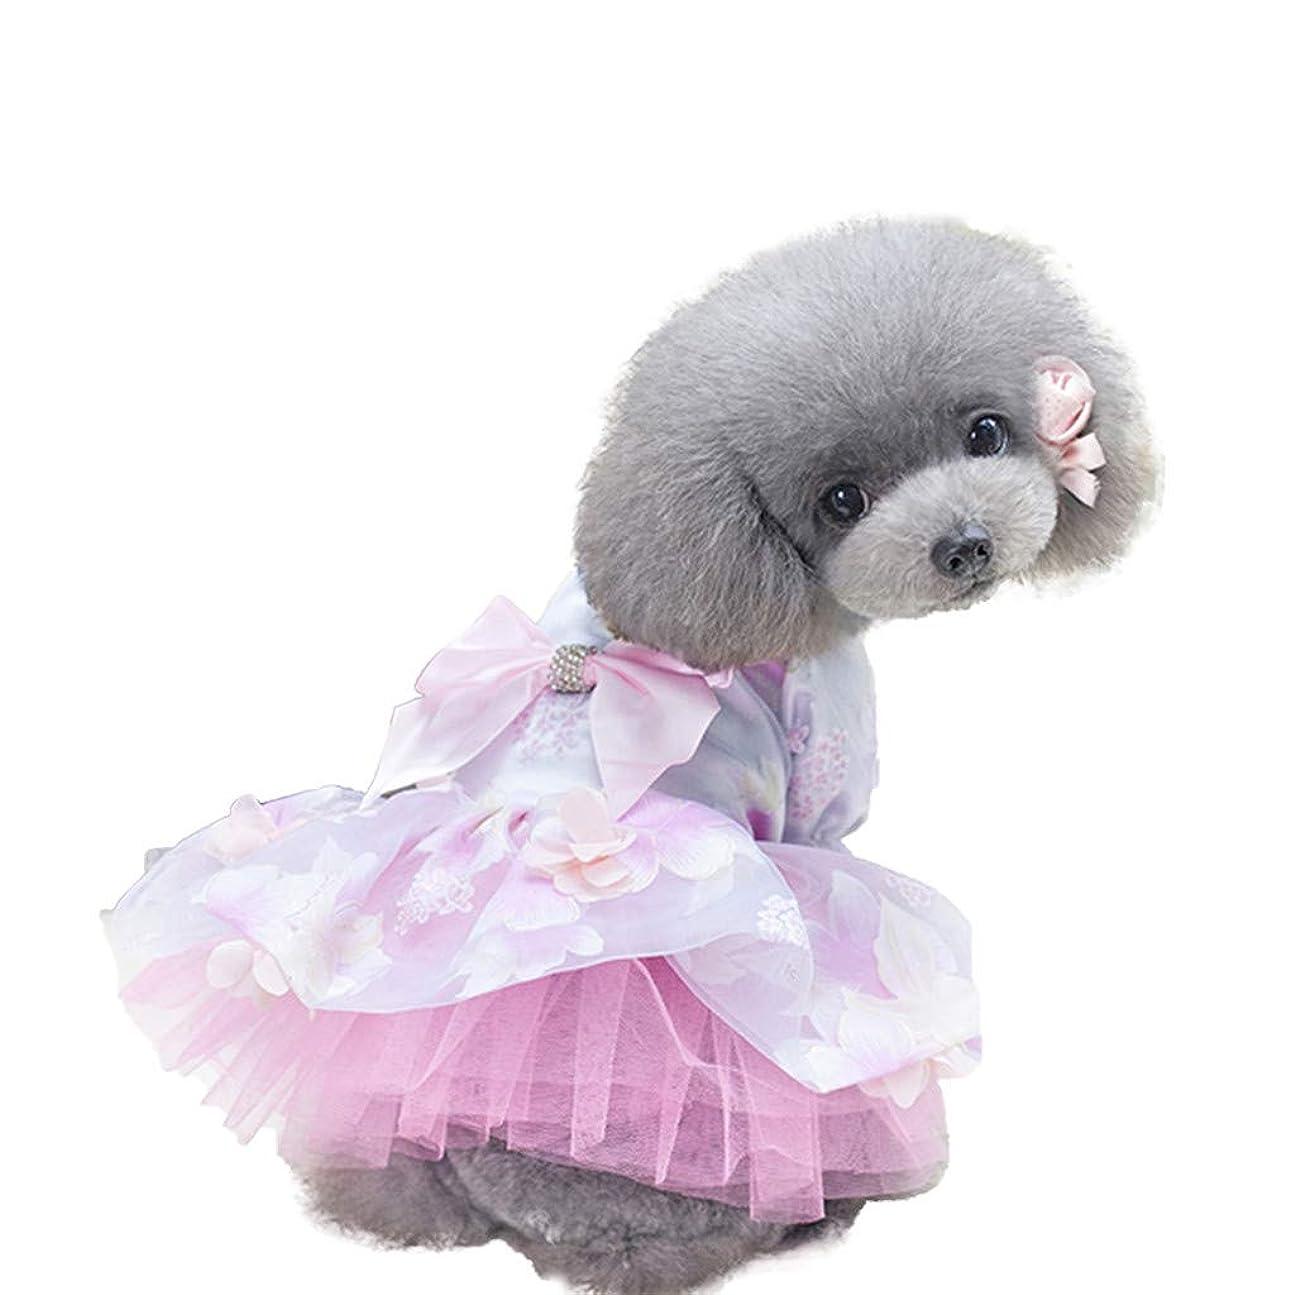 挑発する病的指導する春と夏の新しいペット犬服弓王女のドレス、ペット服犬、ペットのメッシュドレス、かわいいミニペット小型犬チュチュ、犬のドレス、犬のスーツ、犬かわいいペット服犬の服のTシャツ